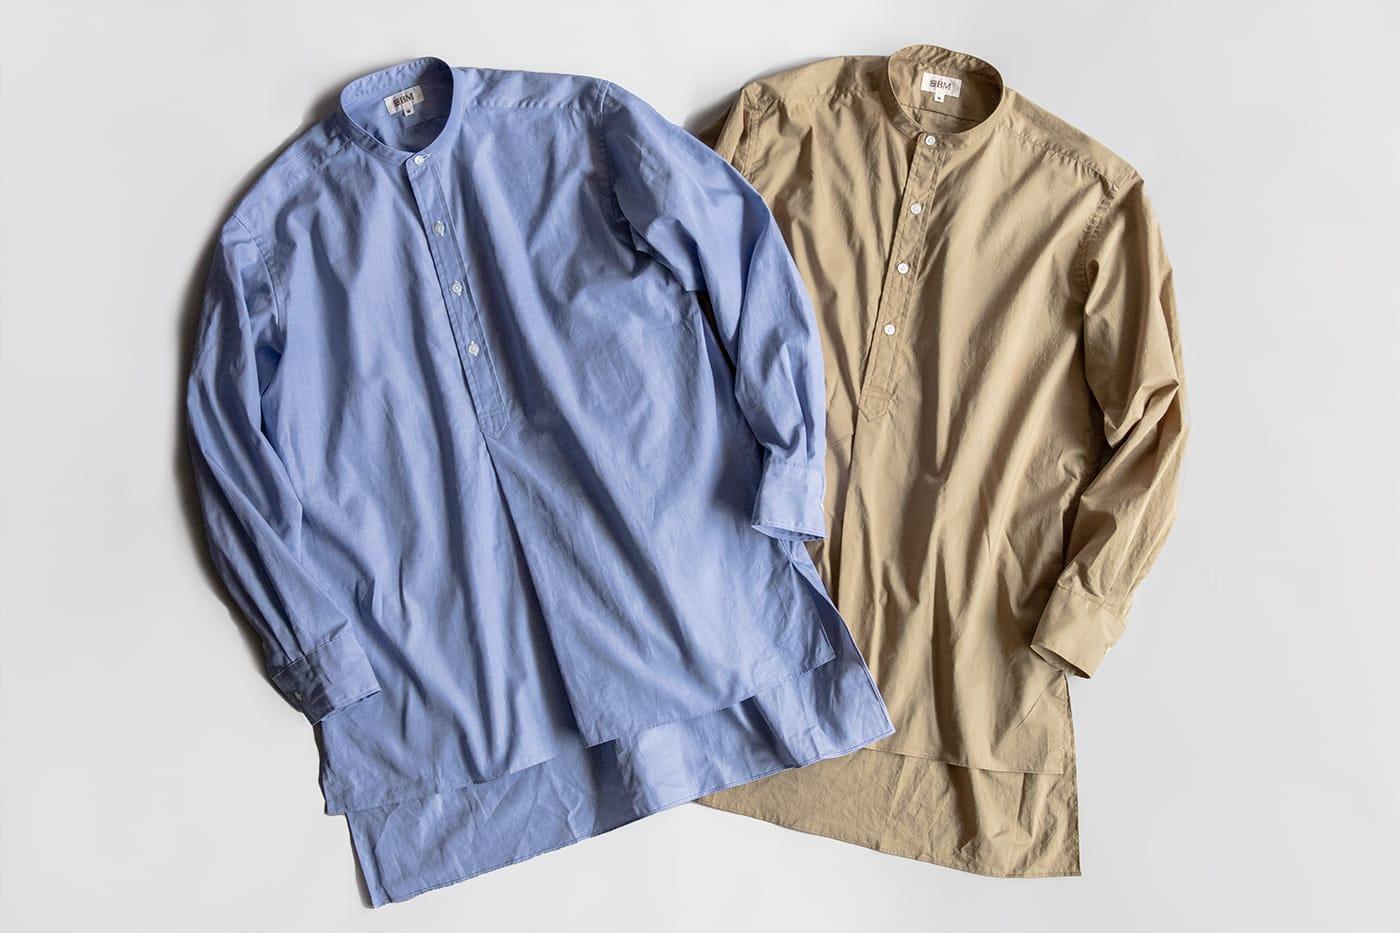 オフィサーシャツ「プリマス」 モチーフは1960年代の英国ミリタリーシャツ